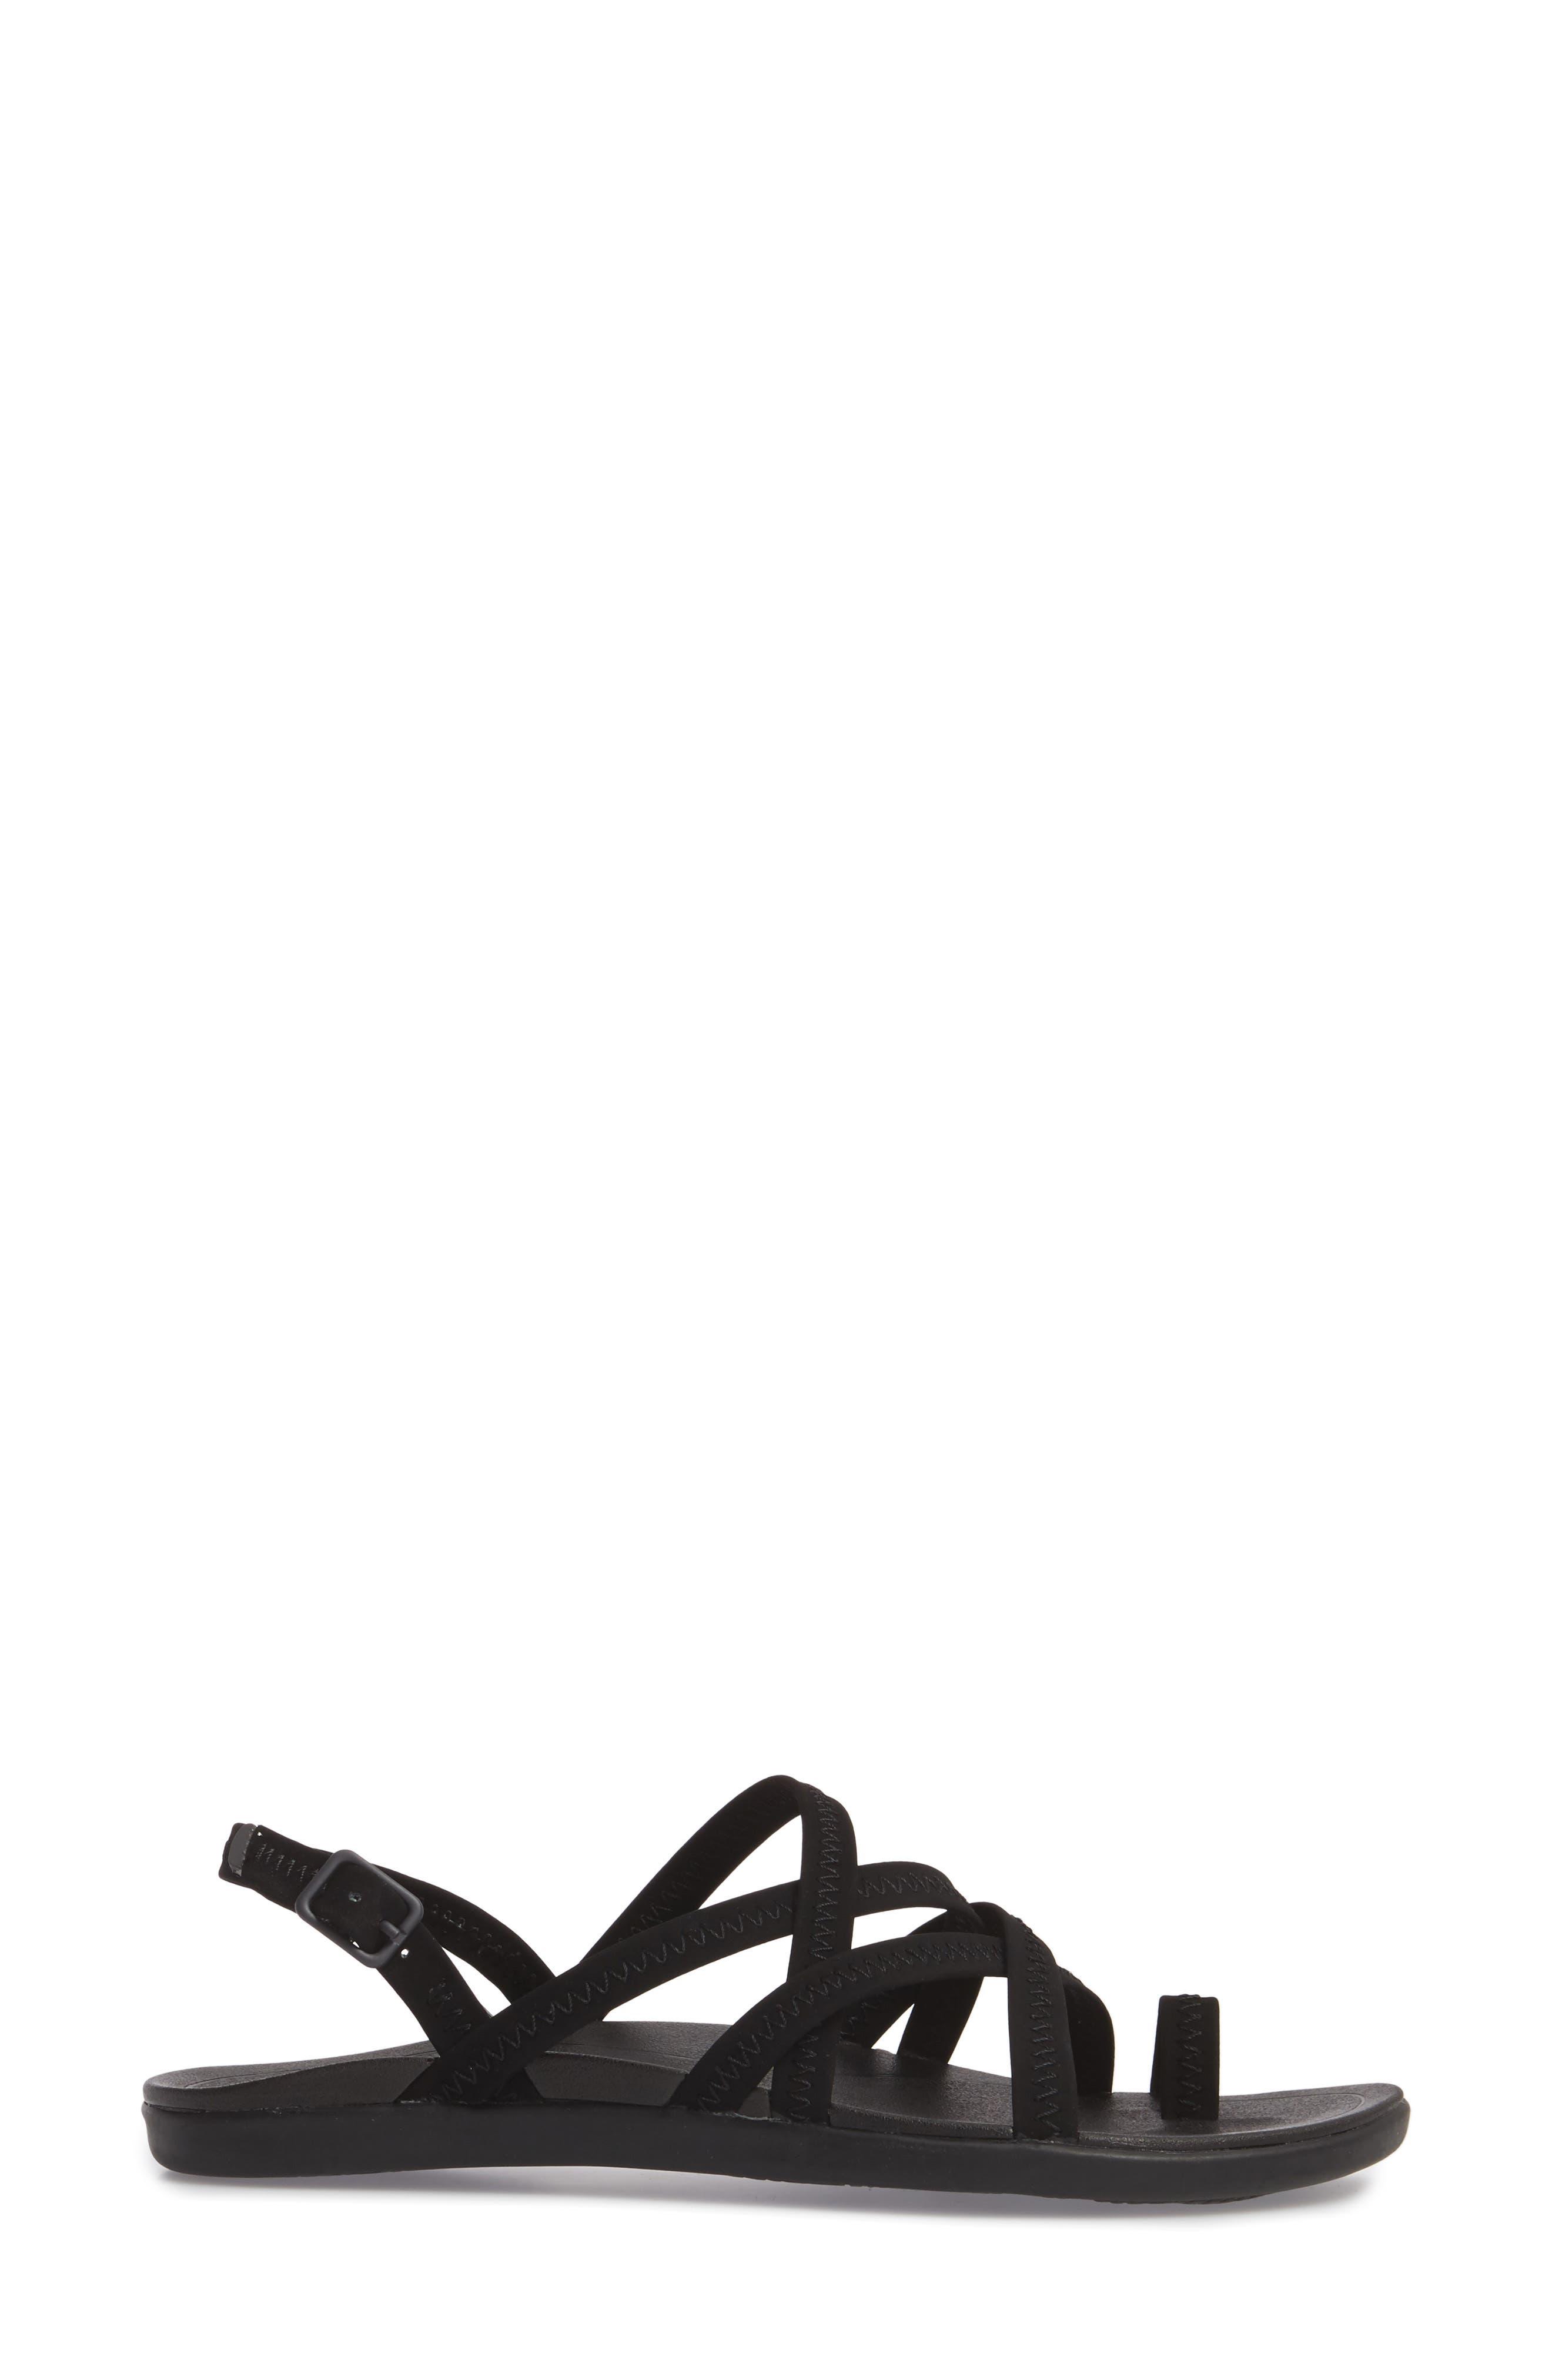 Kalapu Sandal,                             Alternate thumbnail 3, color,                             BLACK/ BLACK FAUX LEATHER